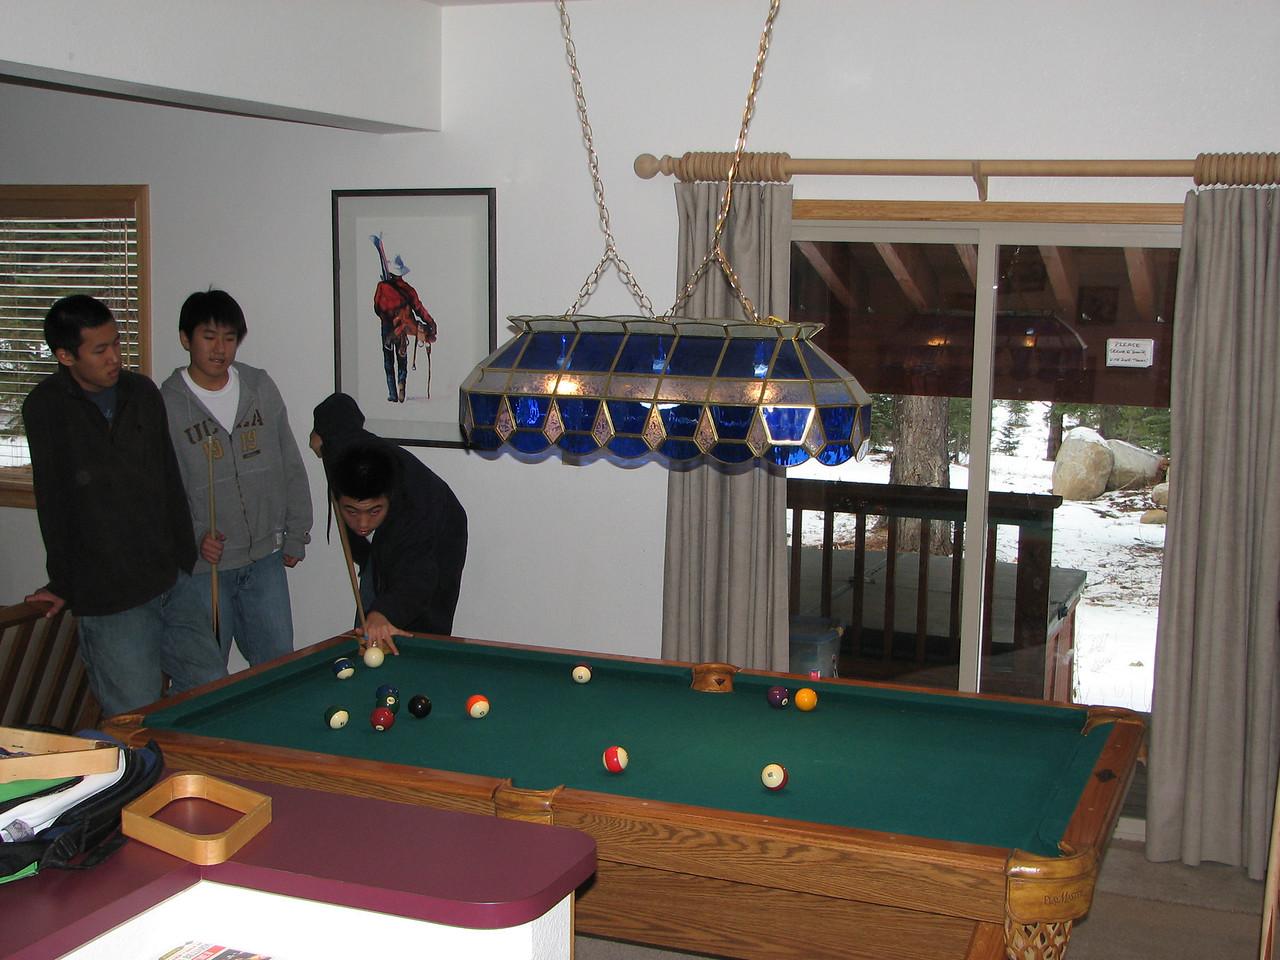 2006 12 20 Wed - Isaac Choi hustling the Kang brothers Doug & Paul